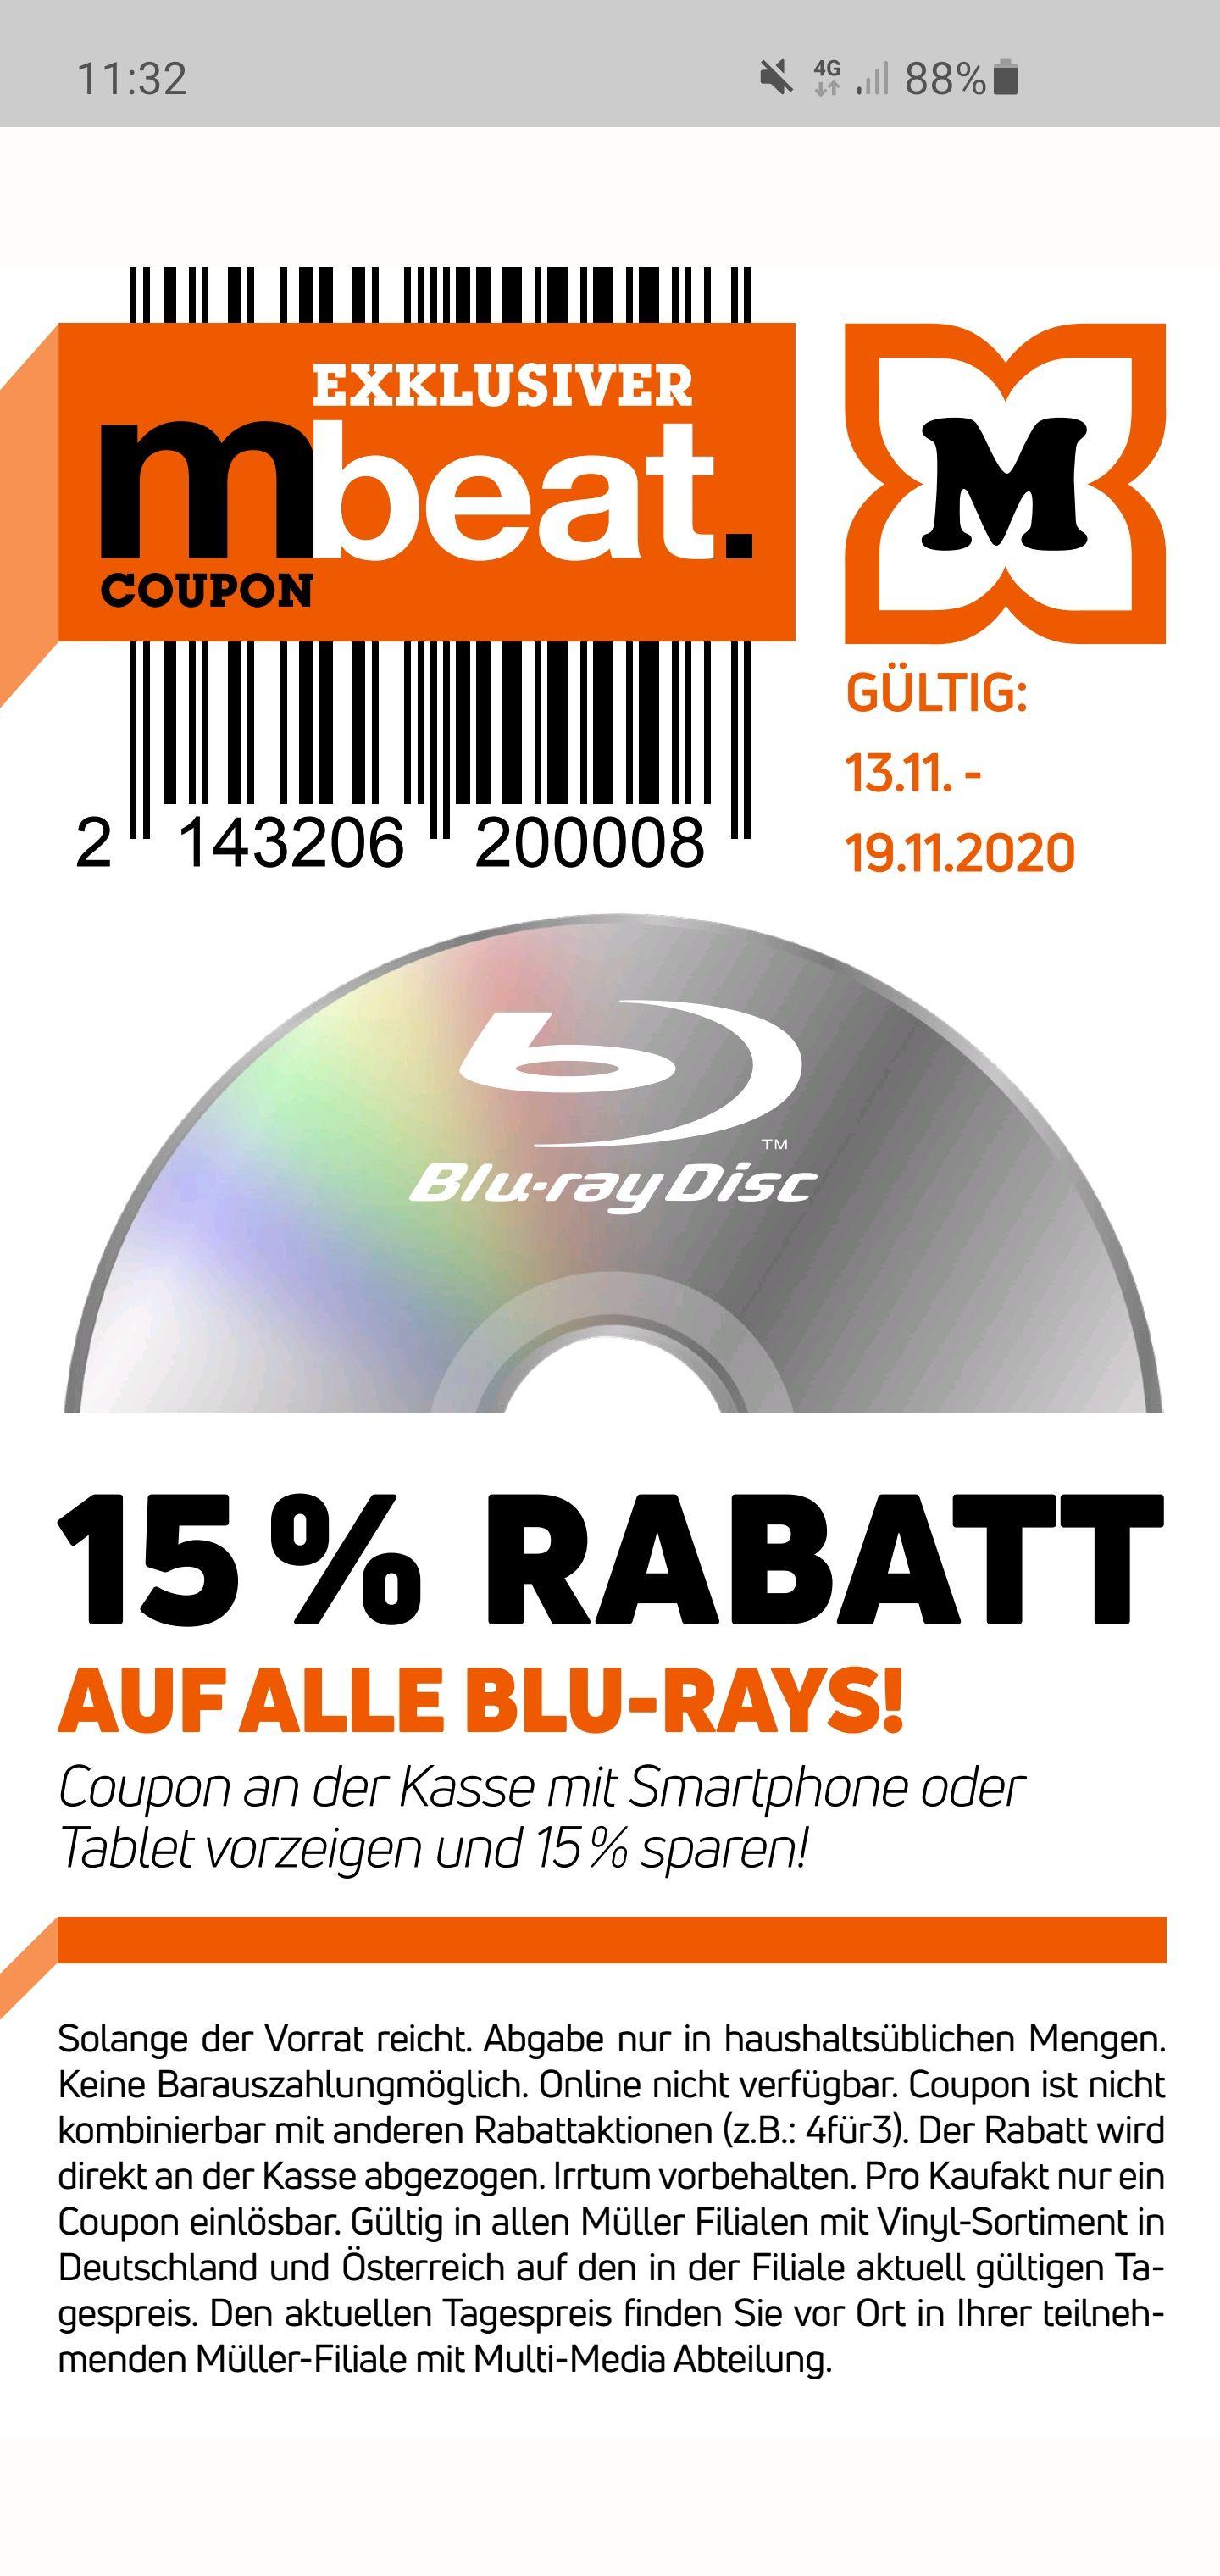 Nur vor Ort!!! Nicht Online! Über die mbeat Digital MüllerApp 15% auf alle BluRays bei Drogeriemarkt Müller